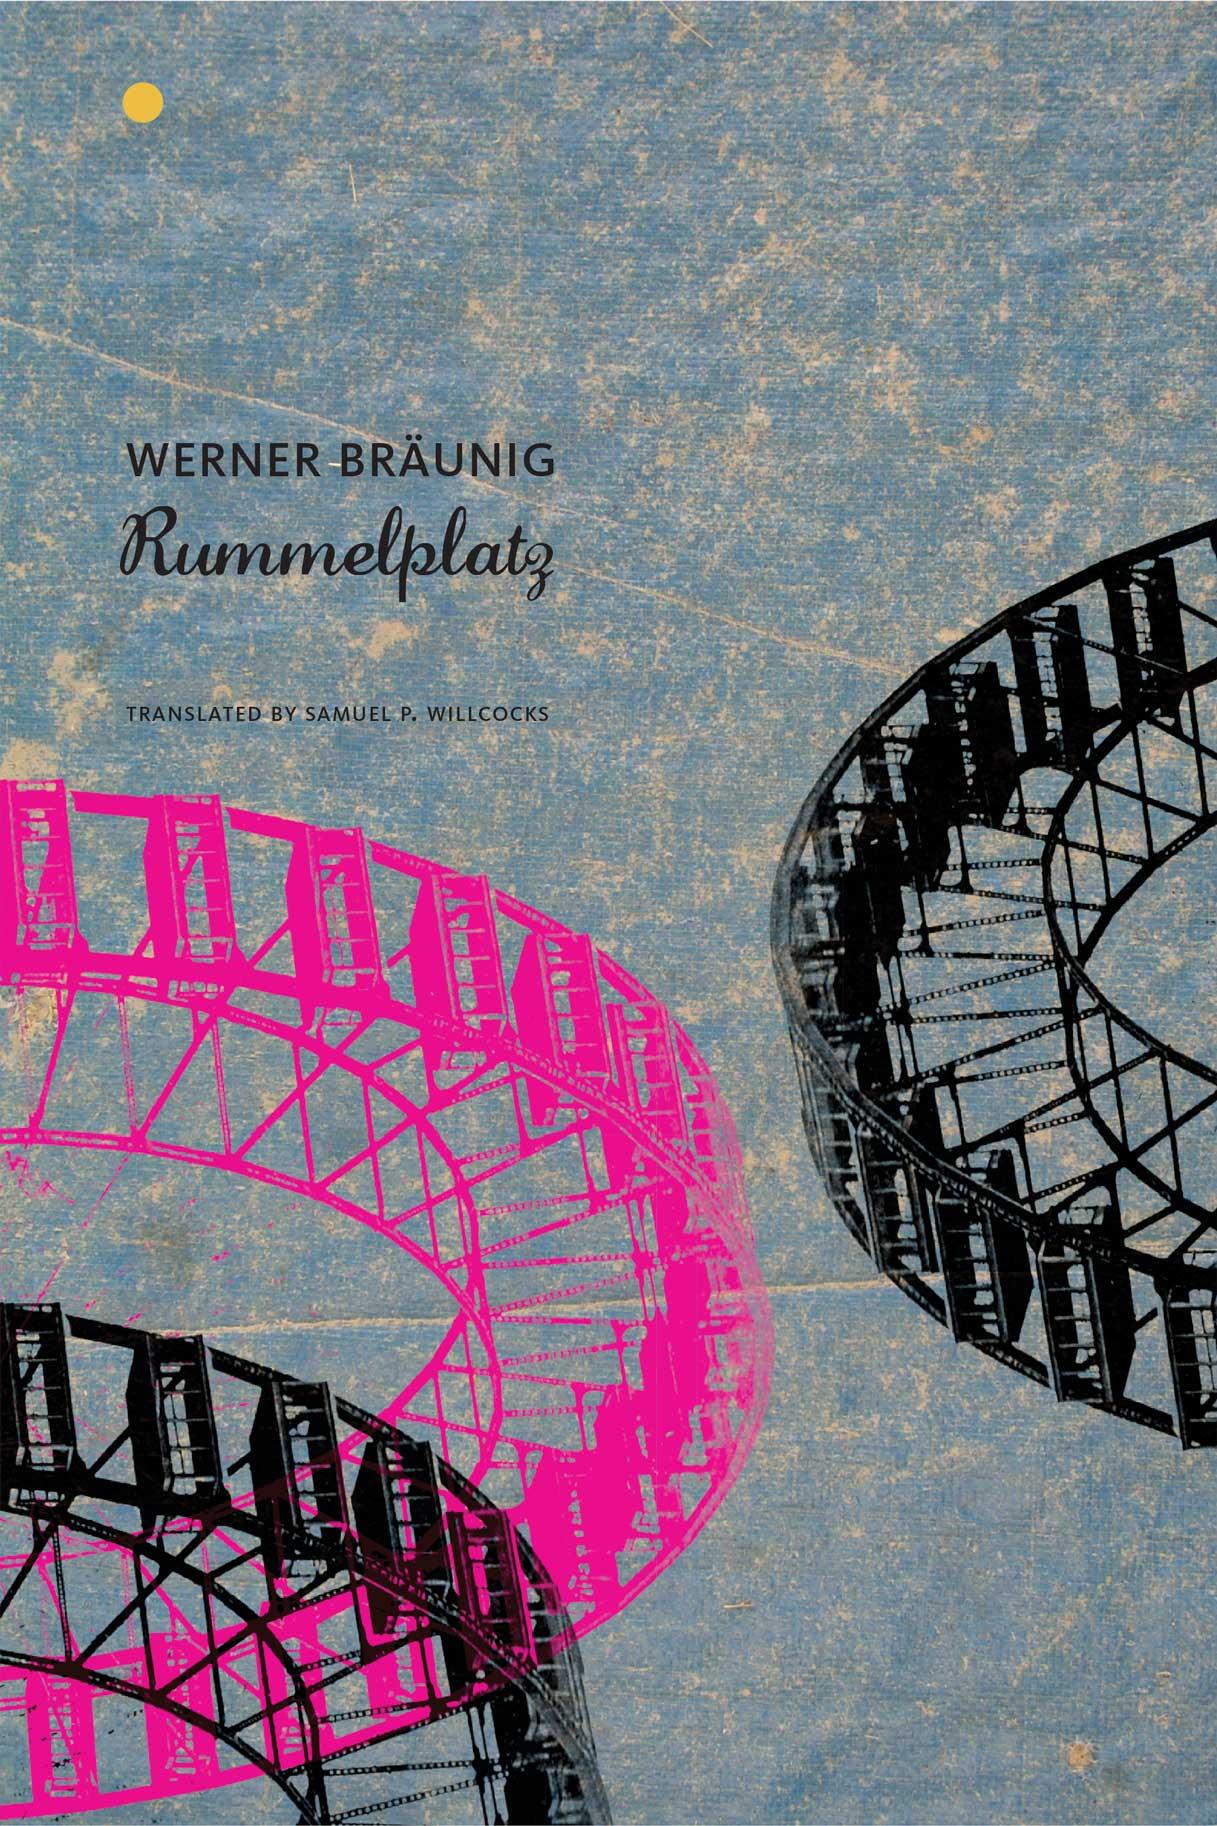 Rummelplatz by Werner Bräunig | Seagull Books